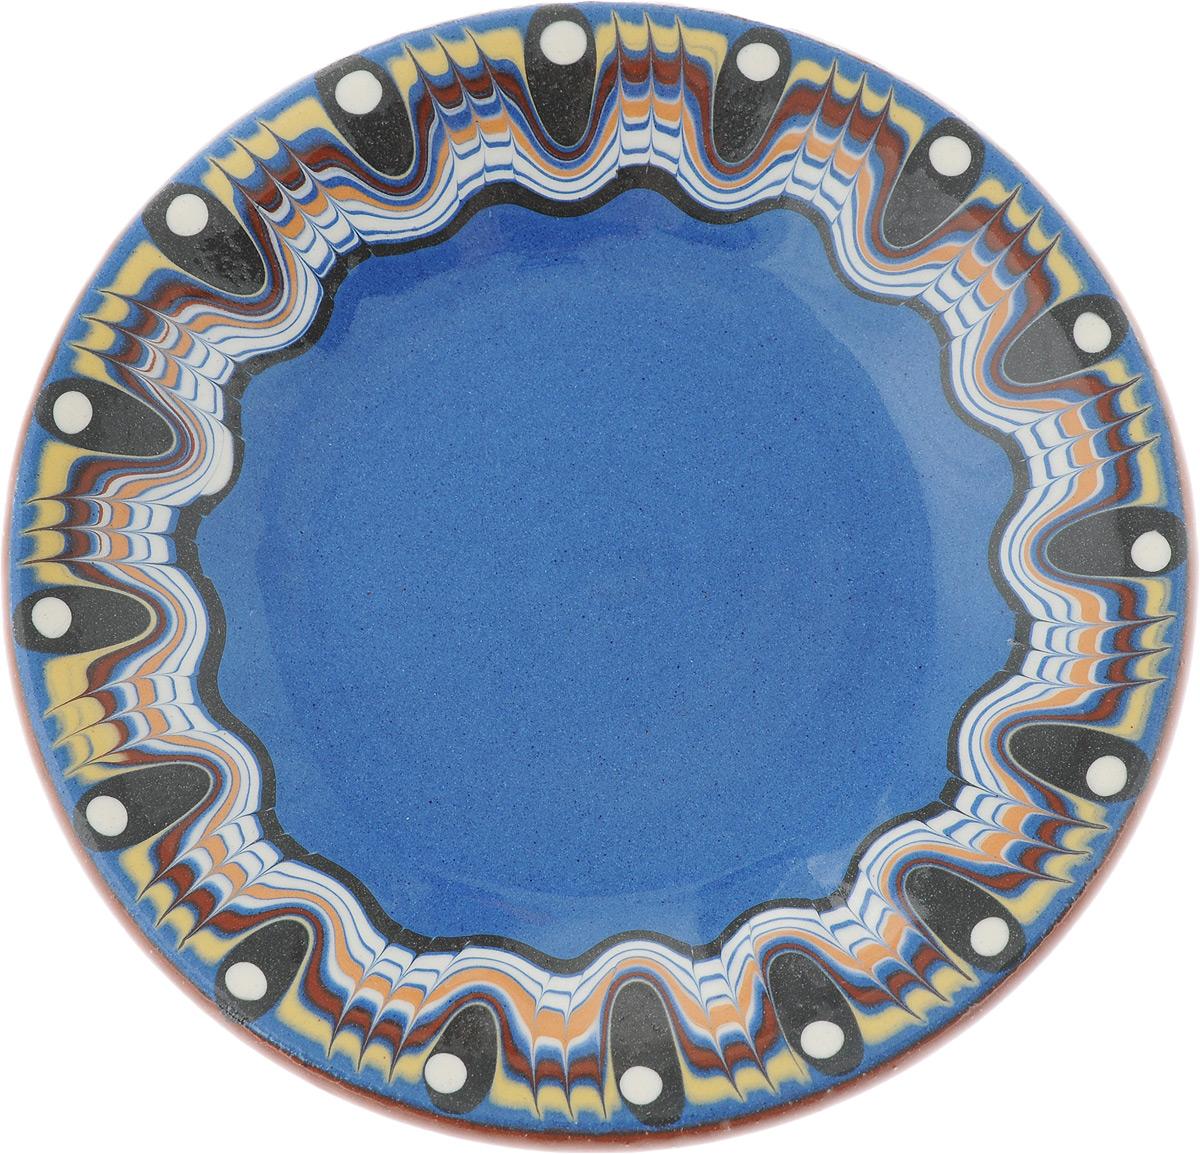 Блюдце Troian ceramics, 12 см003/P0012Блюдце Troian ceramics выполнено из высококачественной керамики. Изделие оформлено узором. Изящное блюдце не только красиво оформит стол к чаепитию, но и станет прекрасным подарком друзьям и близким.Диаметр блюдца: 12 см.Высота блюдца: 1,5 см.